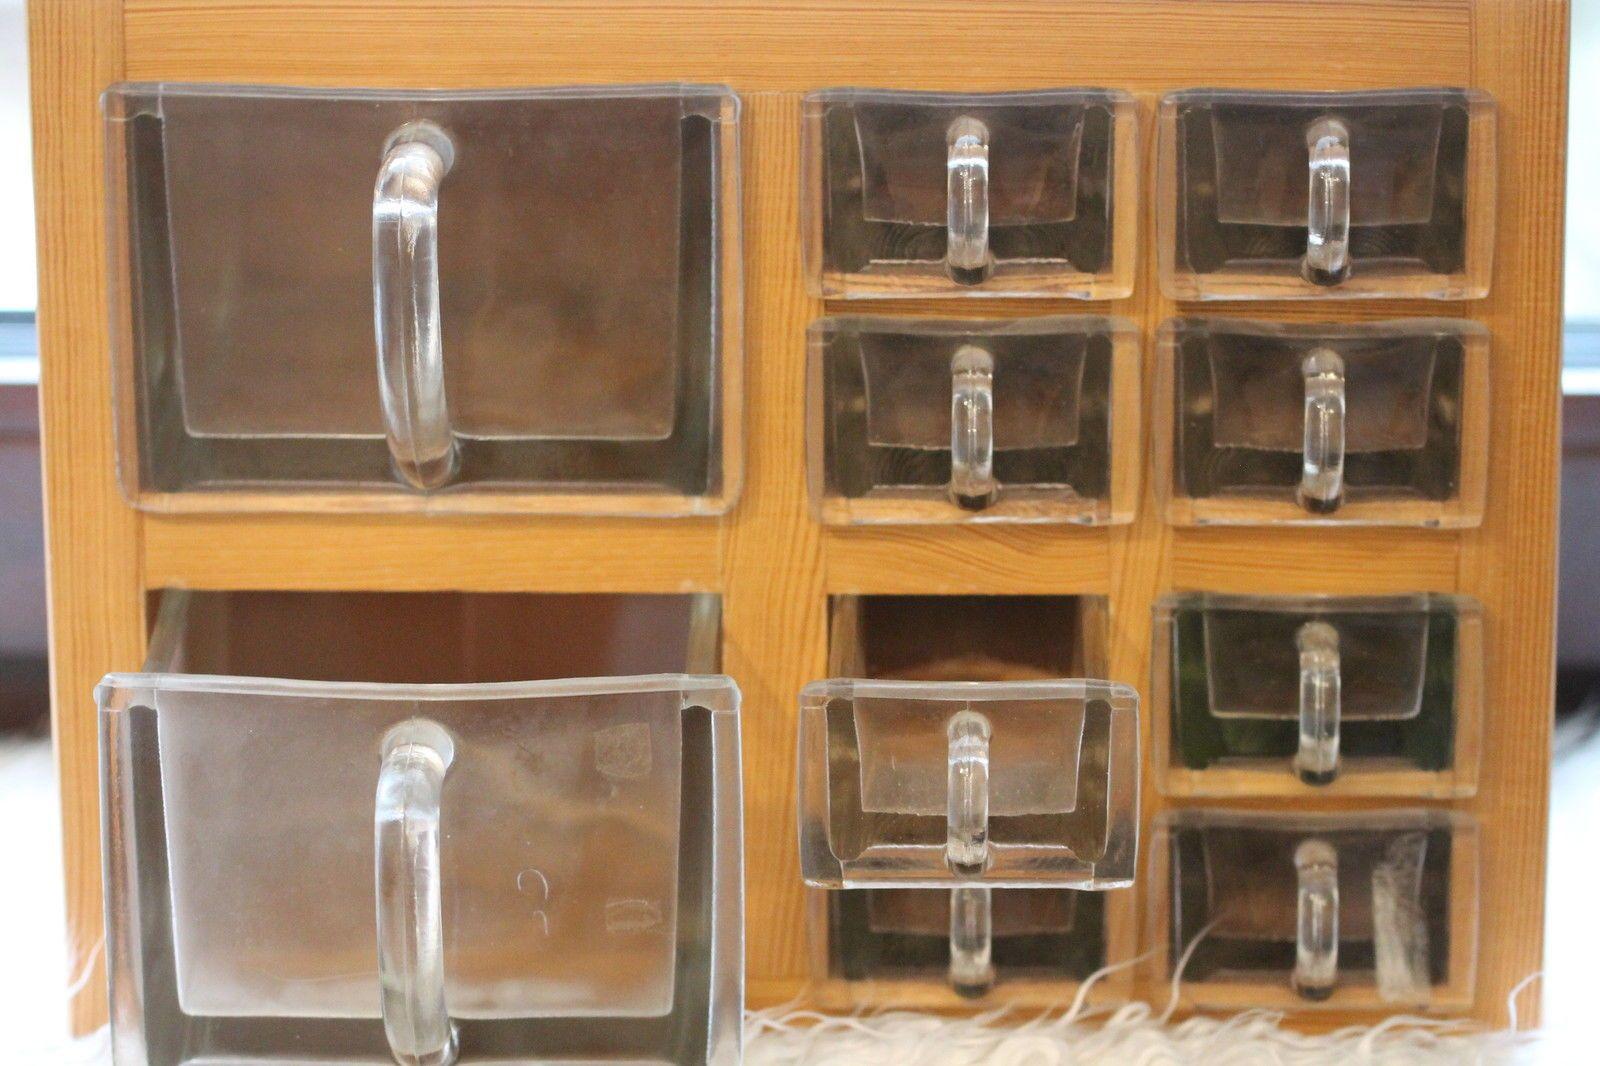 glas sch tten regal 10 sch tten massiv holz von mitheis kitchencorner pinterest regal. Black Bedroom Furniture Sets. Home Design Ideas